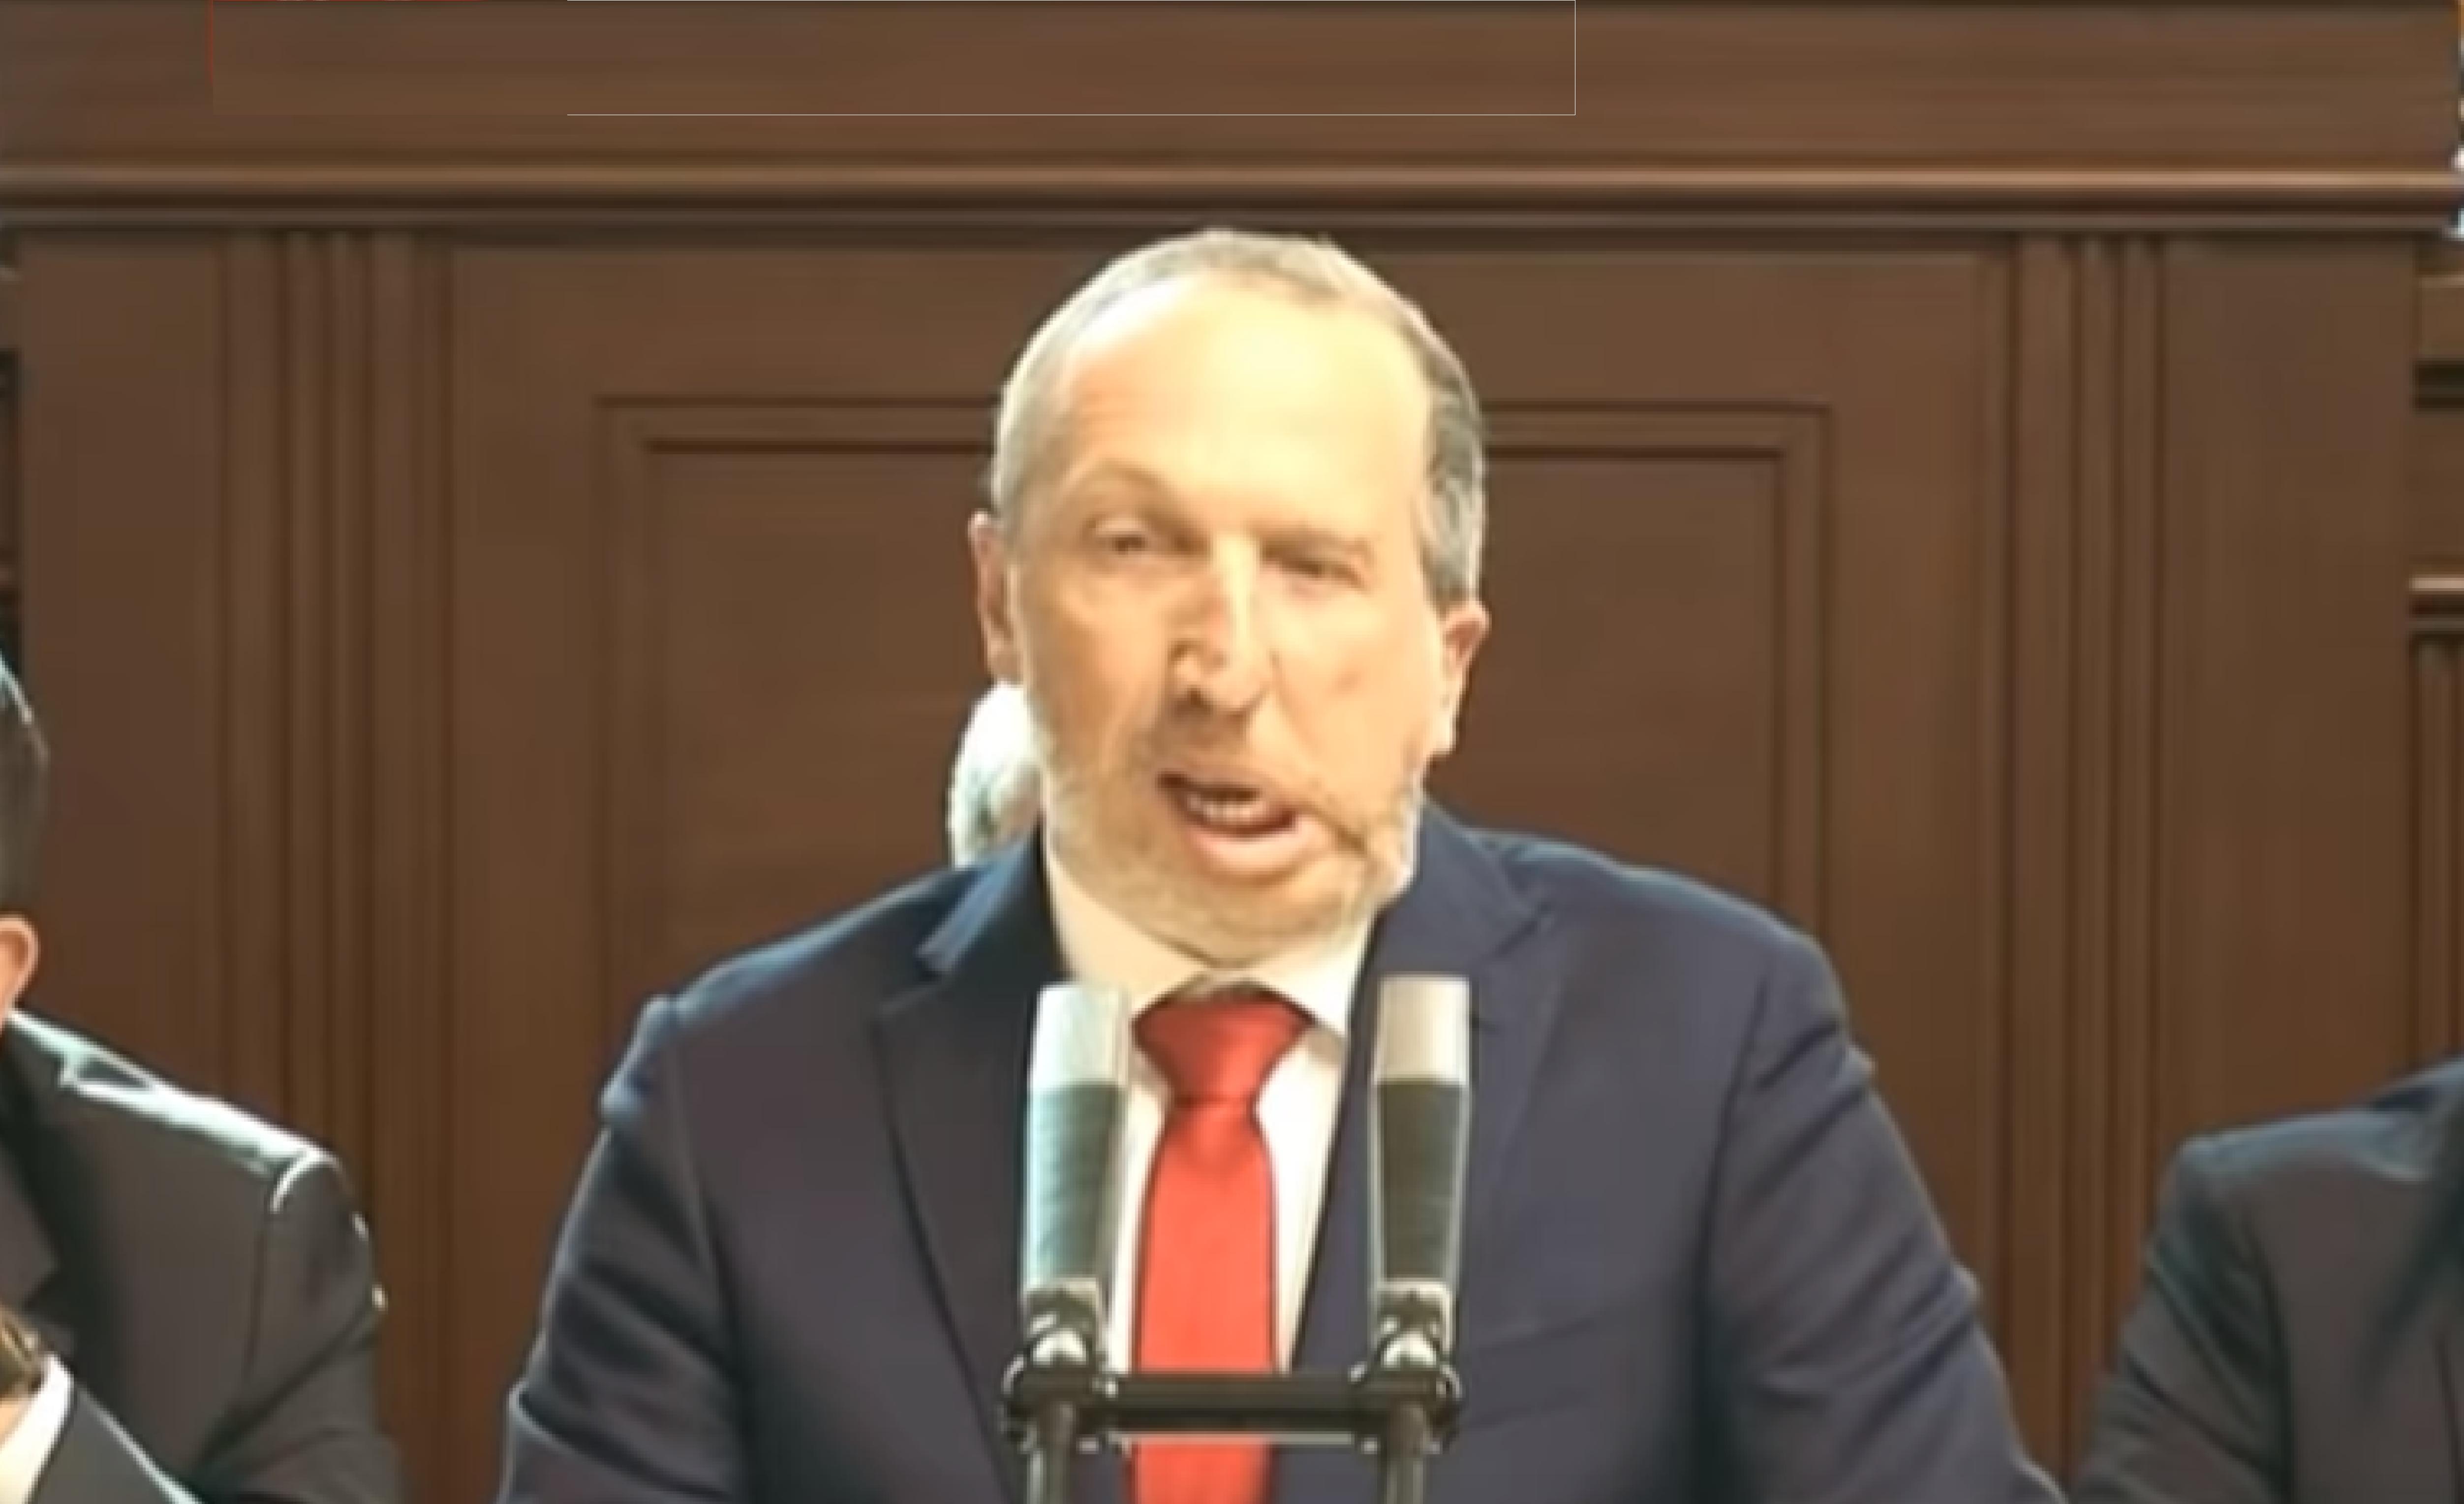 Klaus Ml: Klaus Ml. Už Je Jasným Spojencem Protidemokratických Sil A